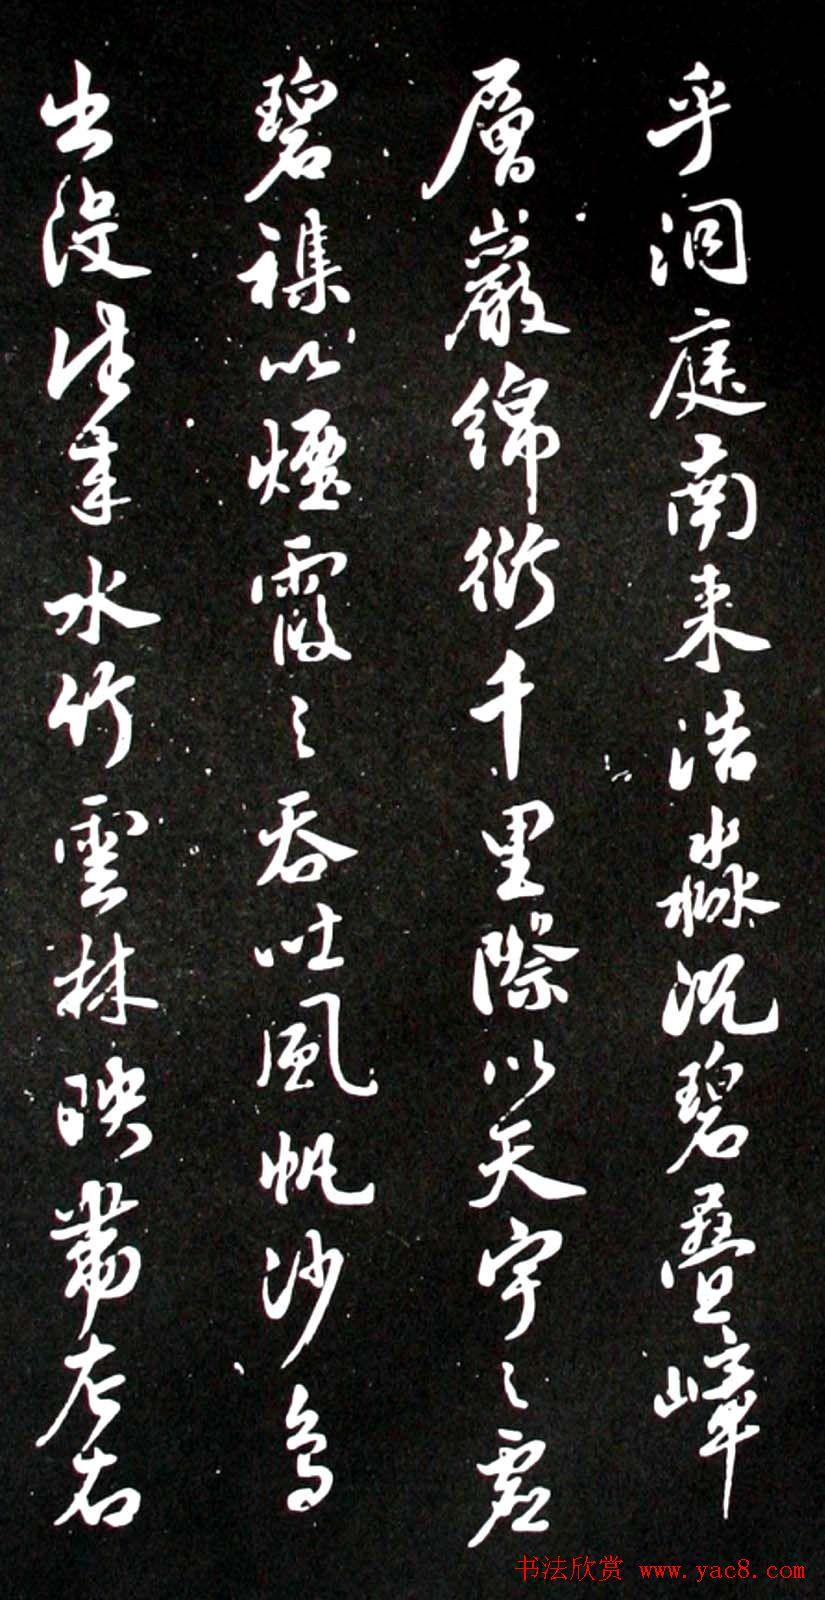 米芾行书欣赏《潇湘八景图序》